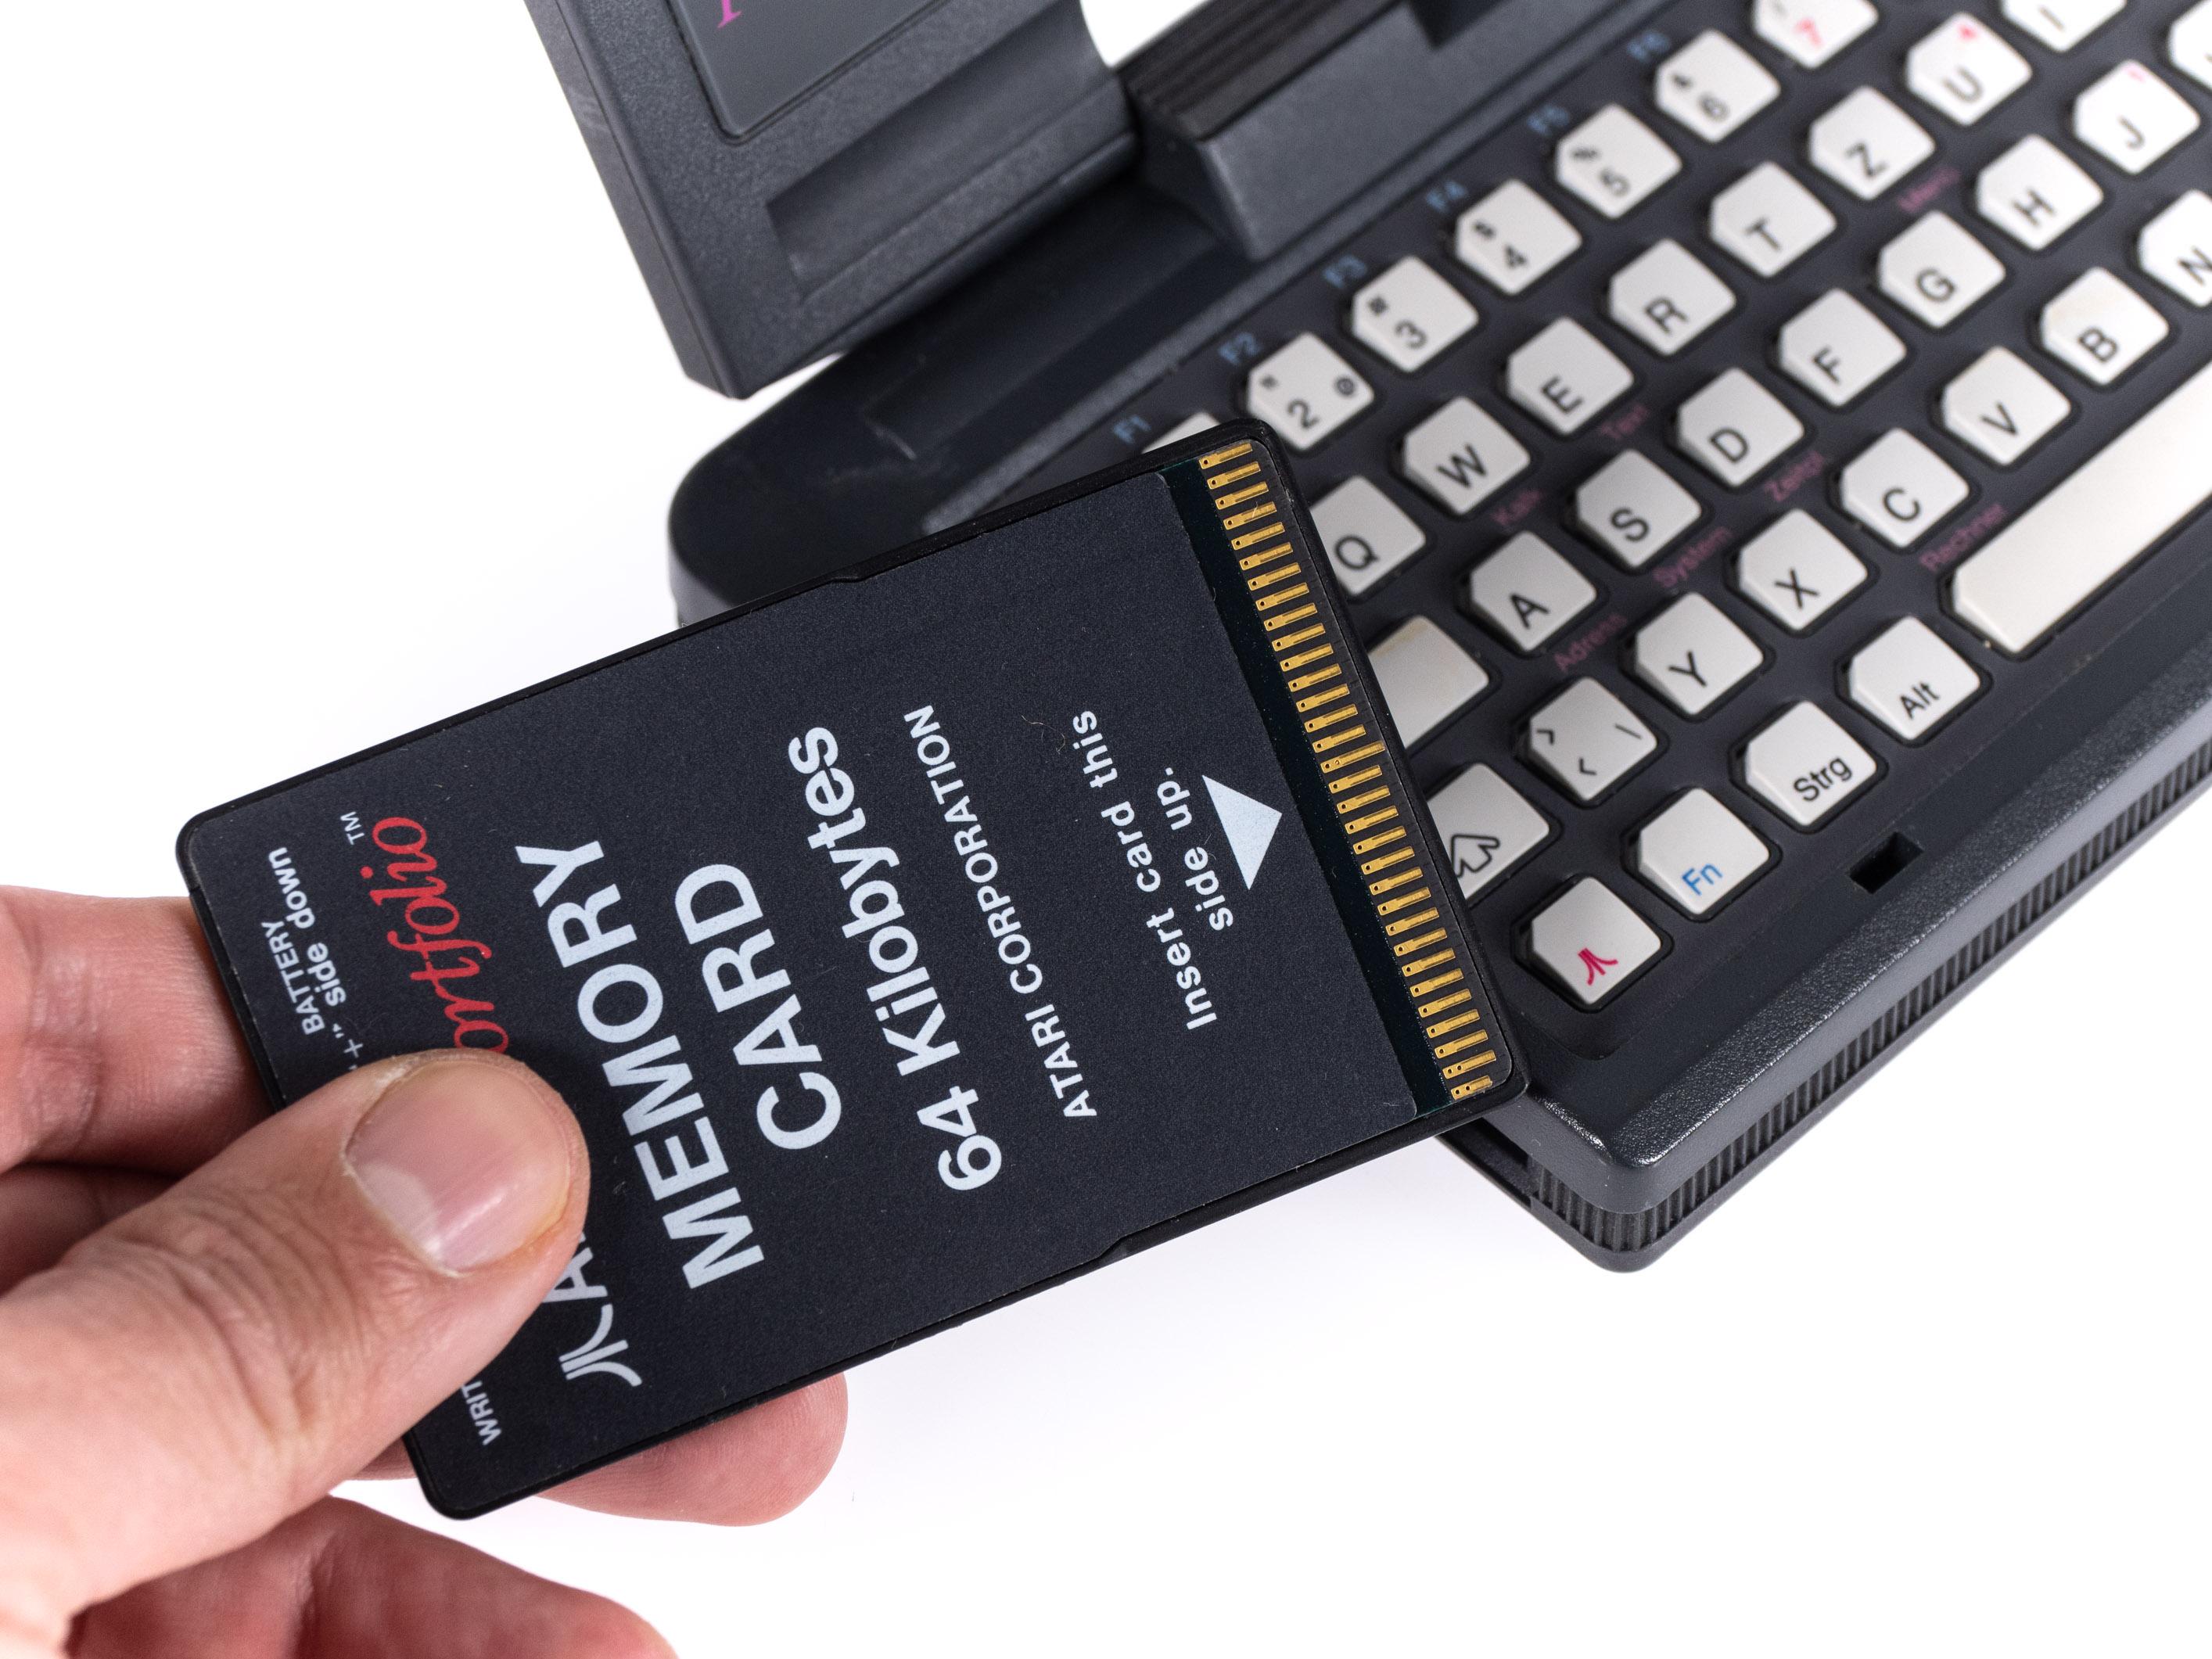 Atari Portfolio im Retrotest: Endlich können wir unterwegs arbeiten! - Der interne Speicher ist limitiert, daher ist die Verwendung einer Speicherkarte eigentlich Pflicht. (Bild: Martin Wolf/Golem.de)